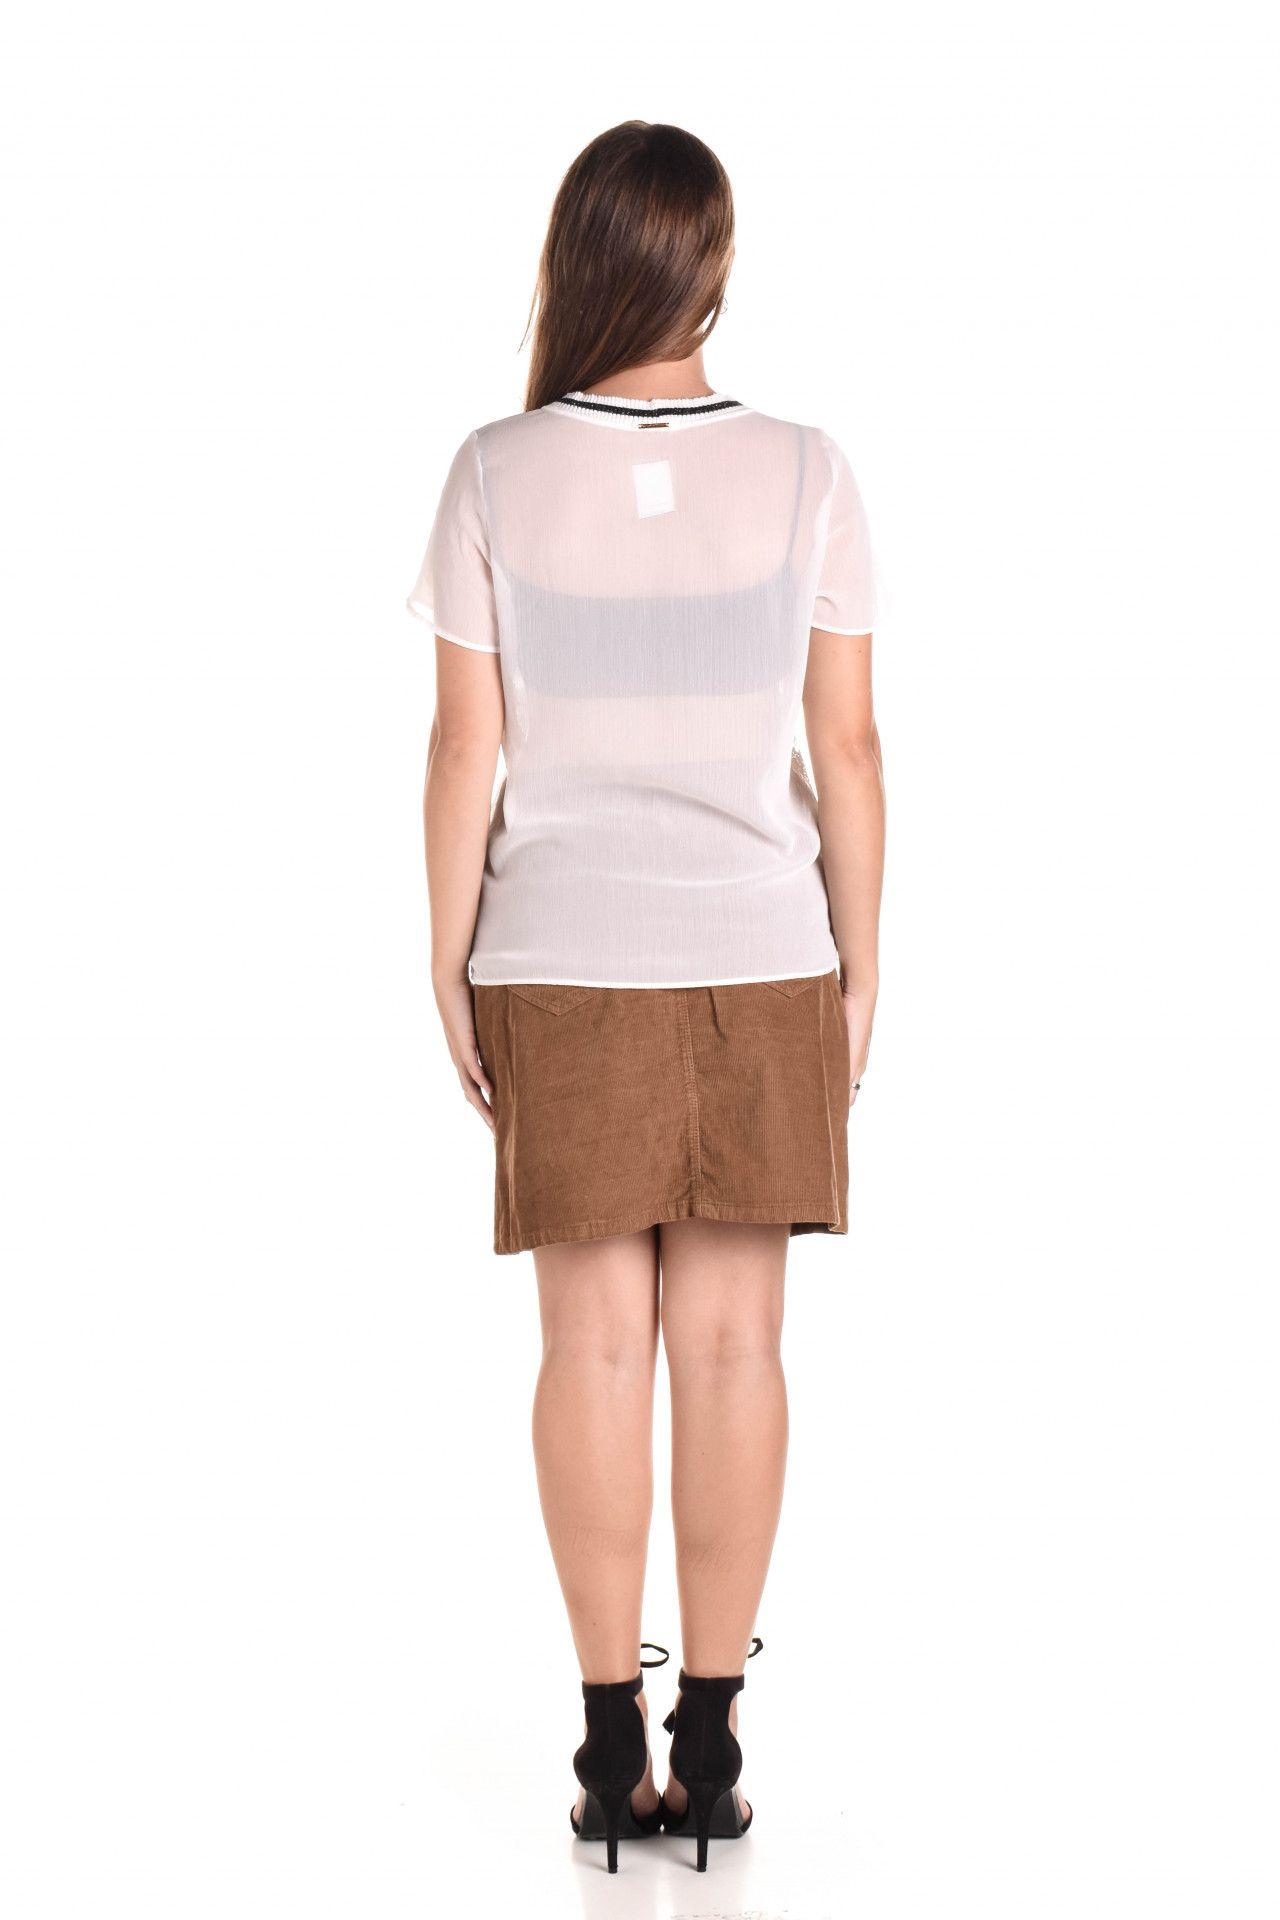 Damyller - Camiseta Branca Renda  - Foto 5